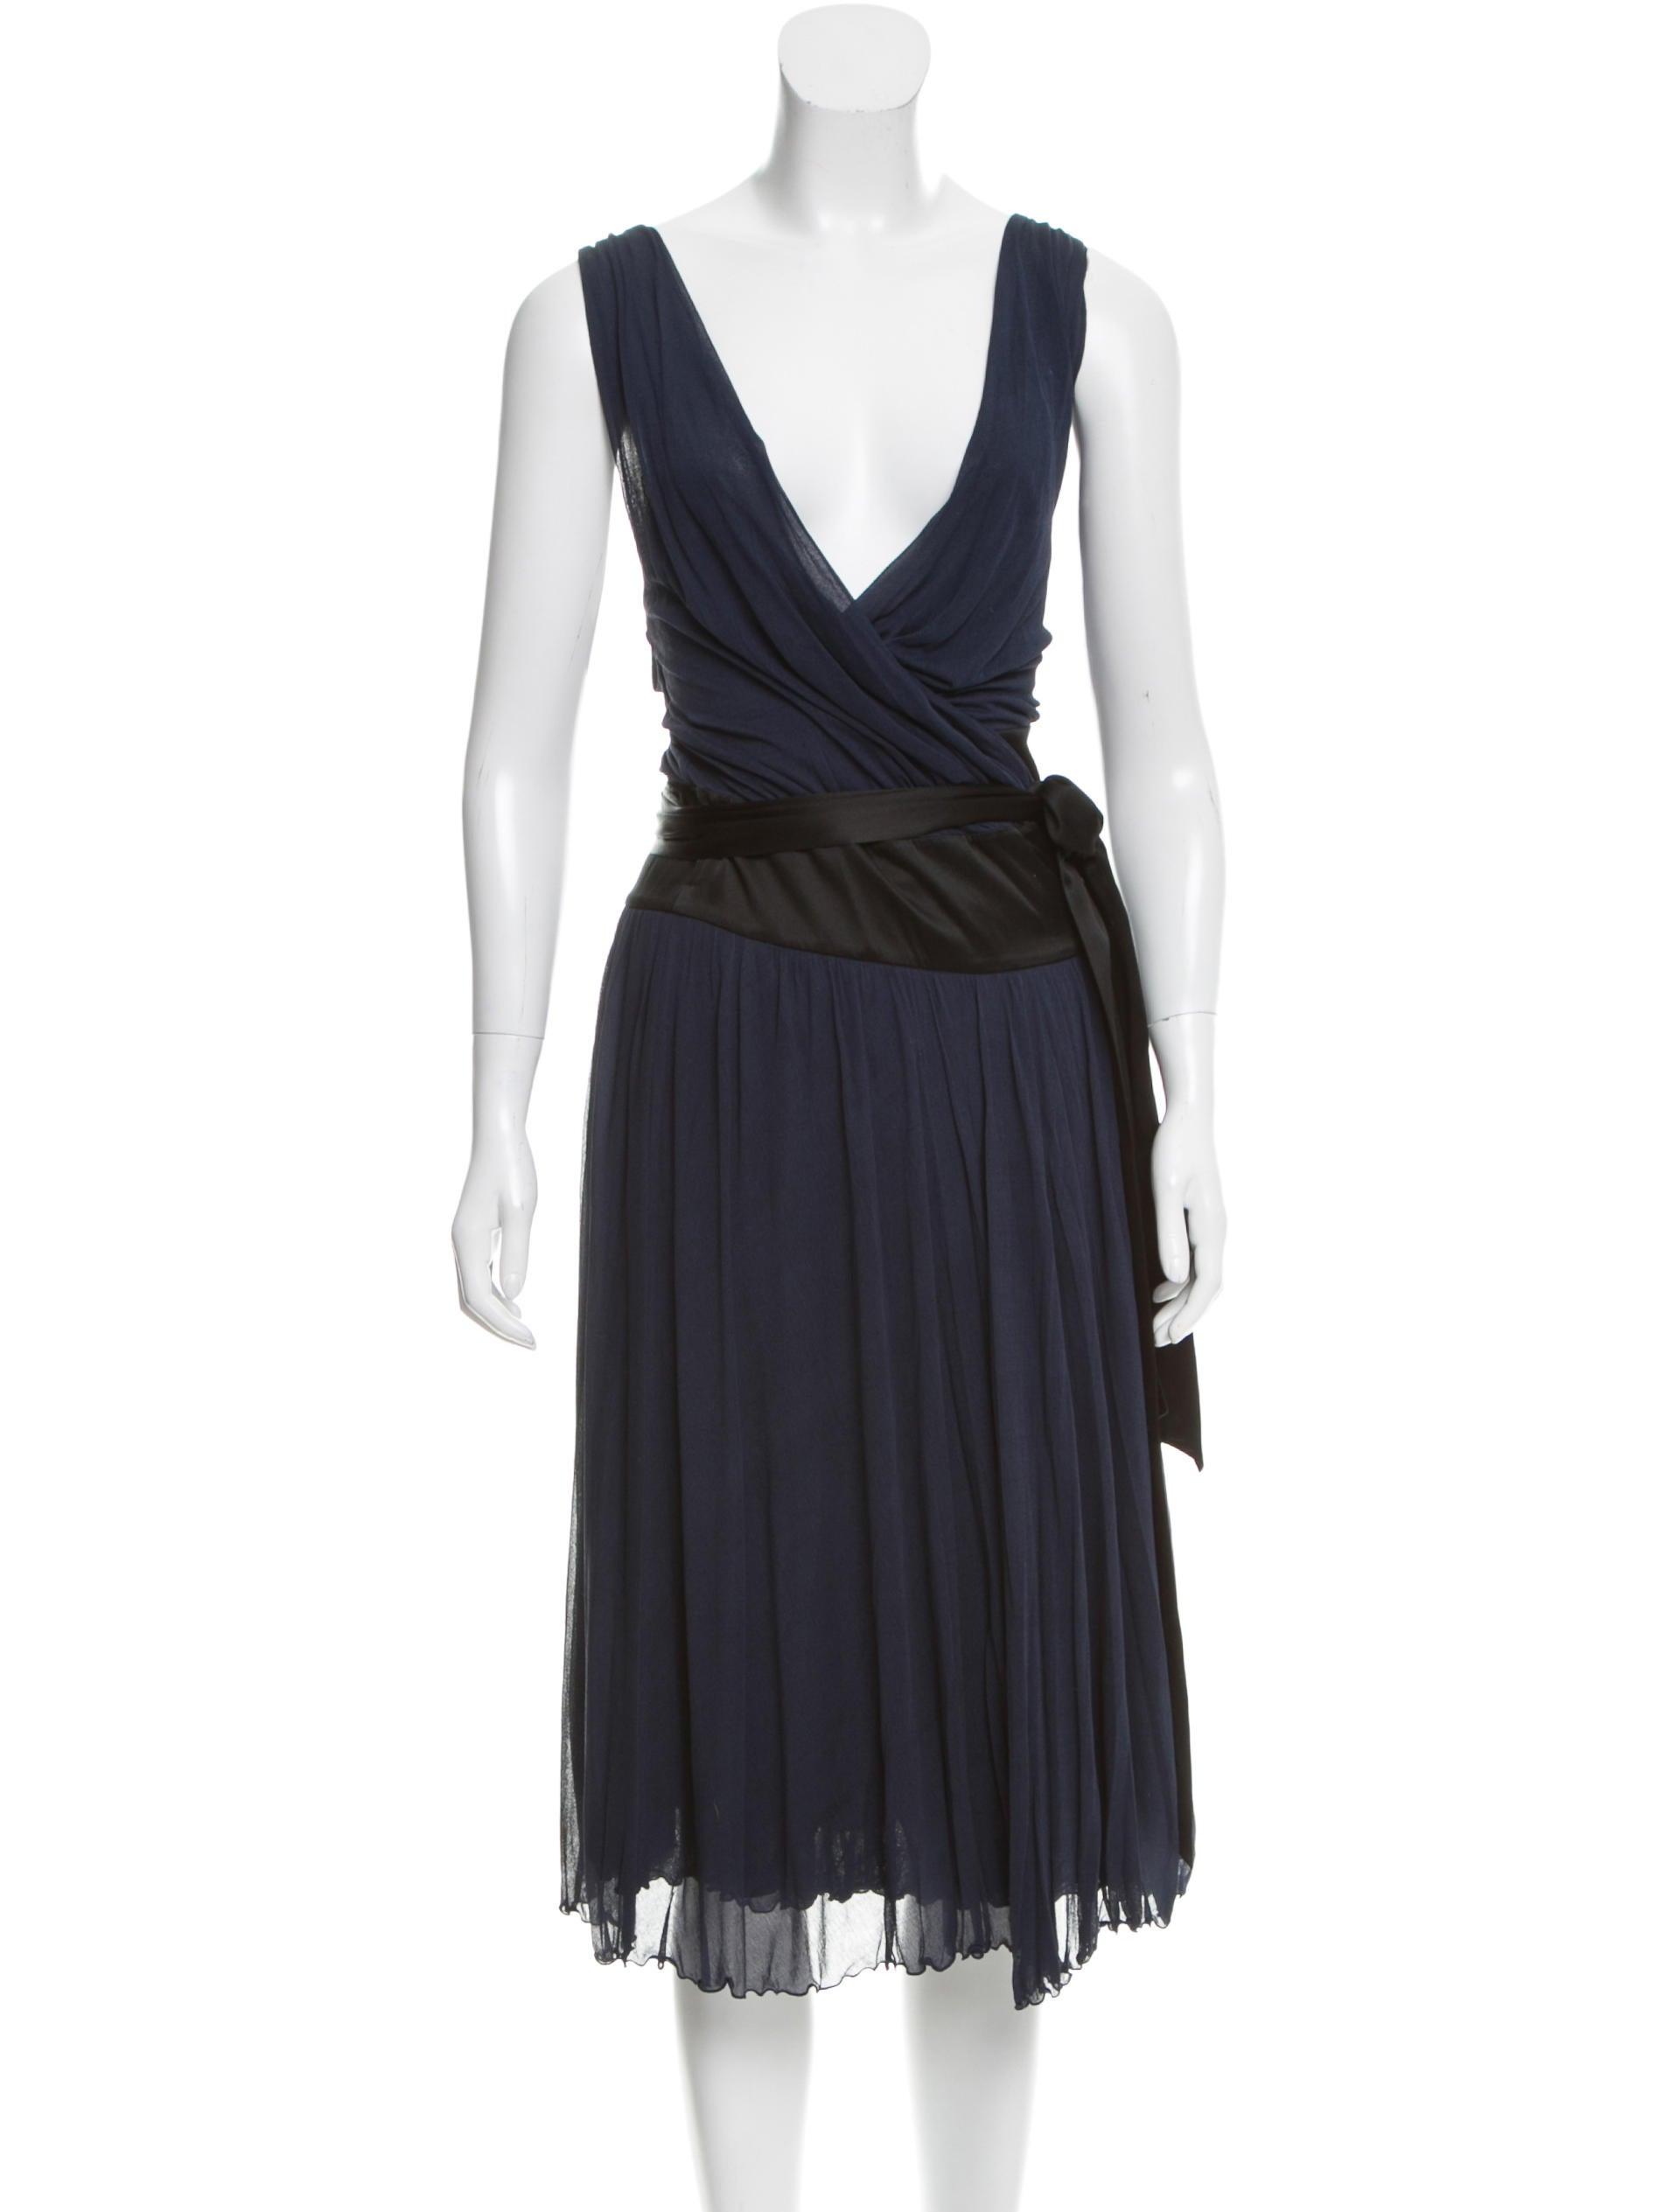 Diane von furstenberg silk lorelei dress clothing for Diane von furstenberg clothing